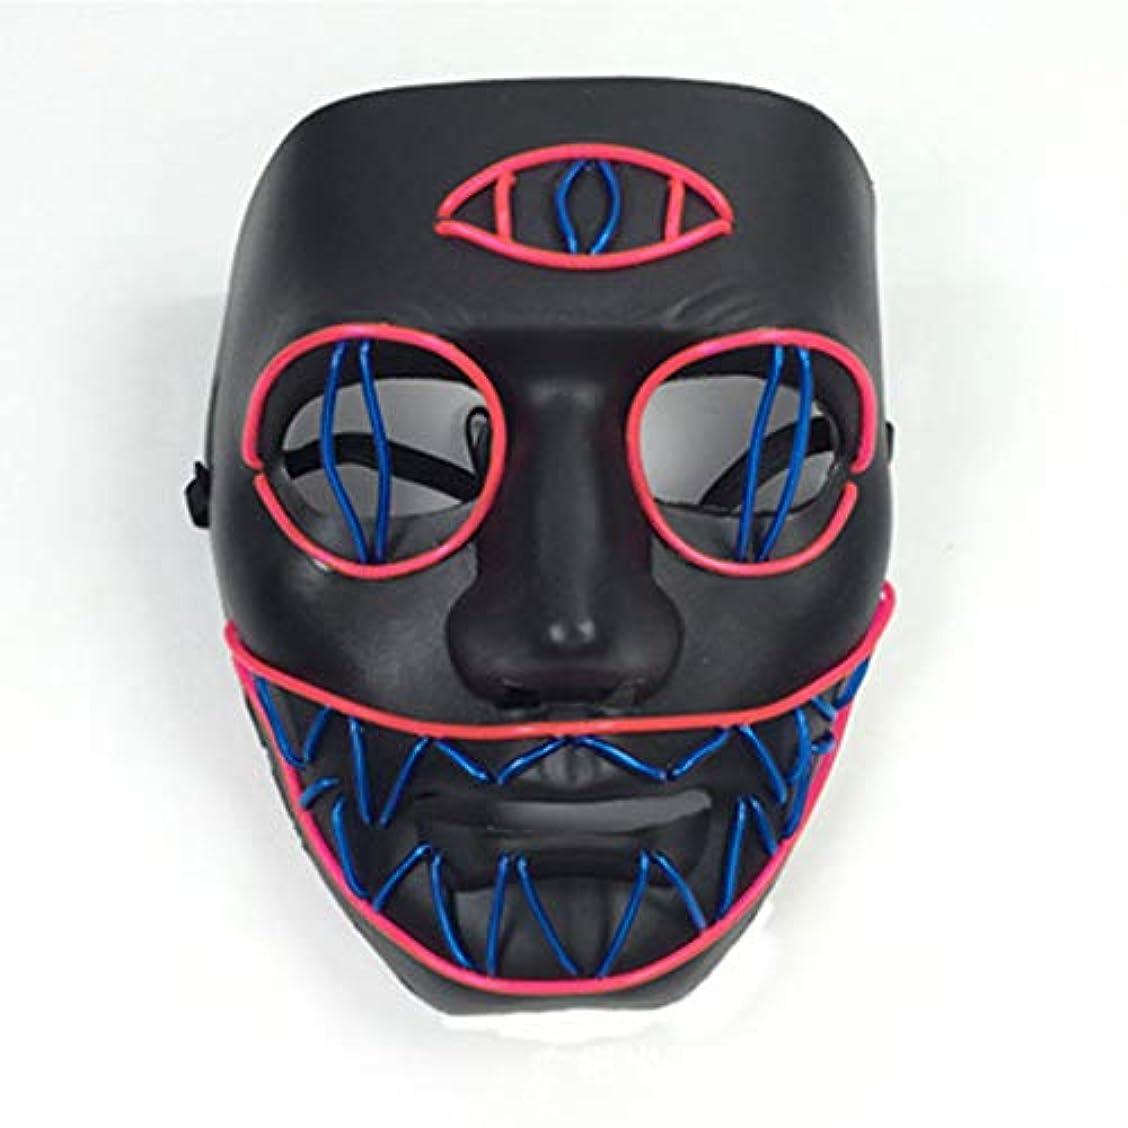 攻撃マインドフル必需品LEDライト怖いマスク、ノベルティハロウィーンコスチュームパーティー不気味な小道具、安全なELワイヤーPVC DJマスクLED